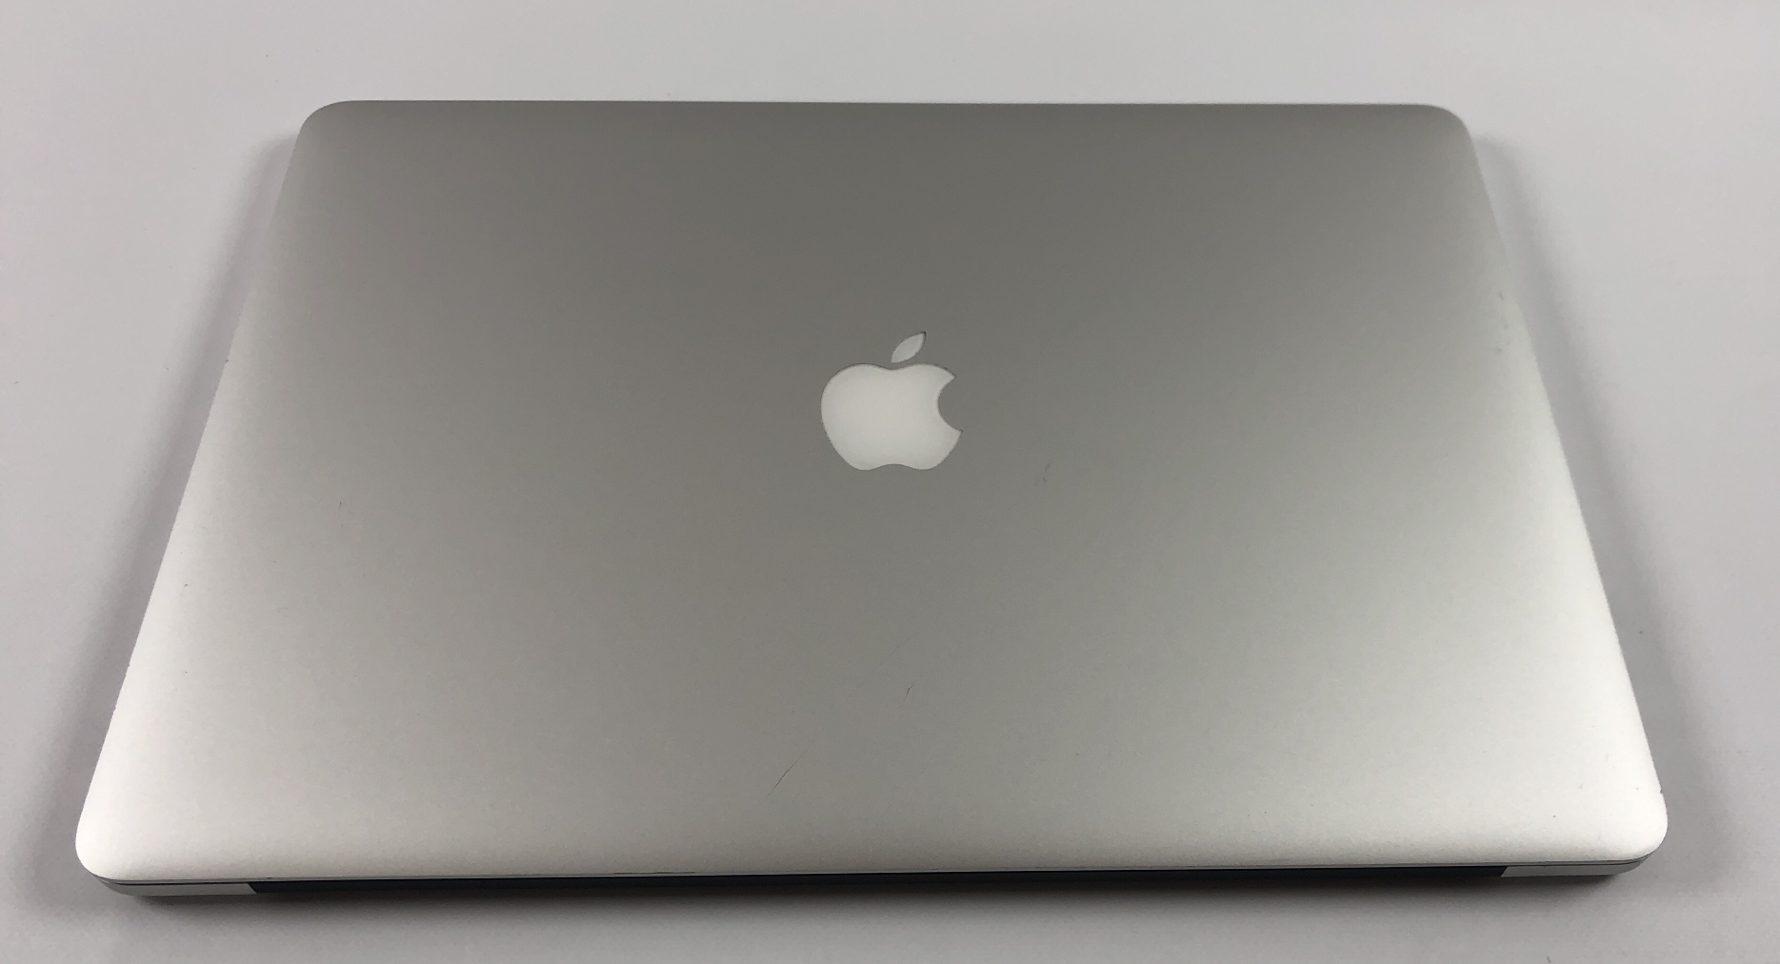 """MacBook Pro Retina 15"""" Mid 2014 (Intel Quad-Core i7 2.8 GHz 16 GB RAM 512 GB SSD), Intel Quad-Core i7 2.8 GHz, 16 GB RAM, 512 GB SSD, Kuva 2"""